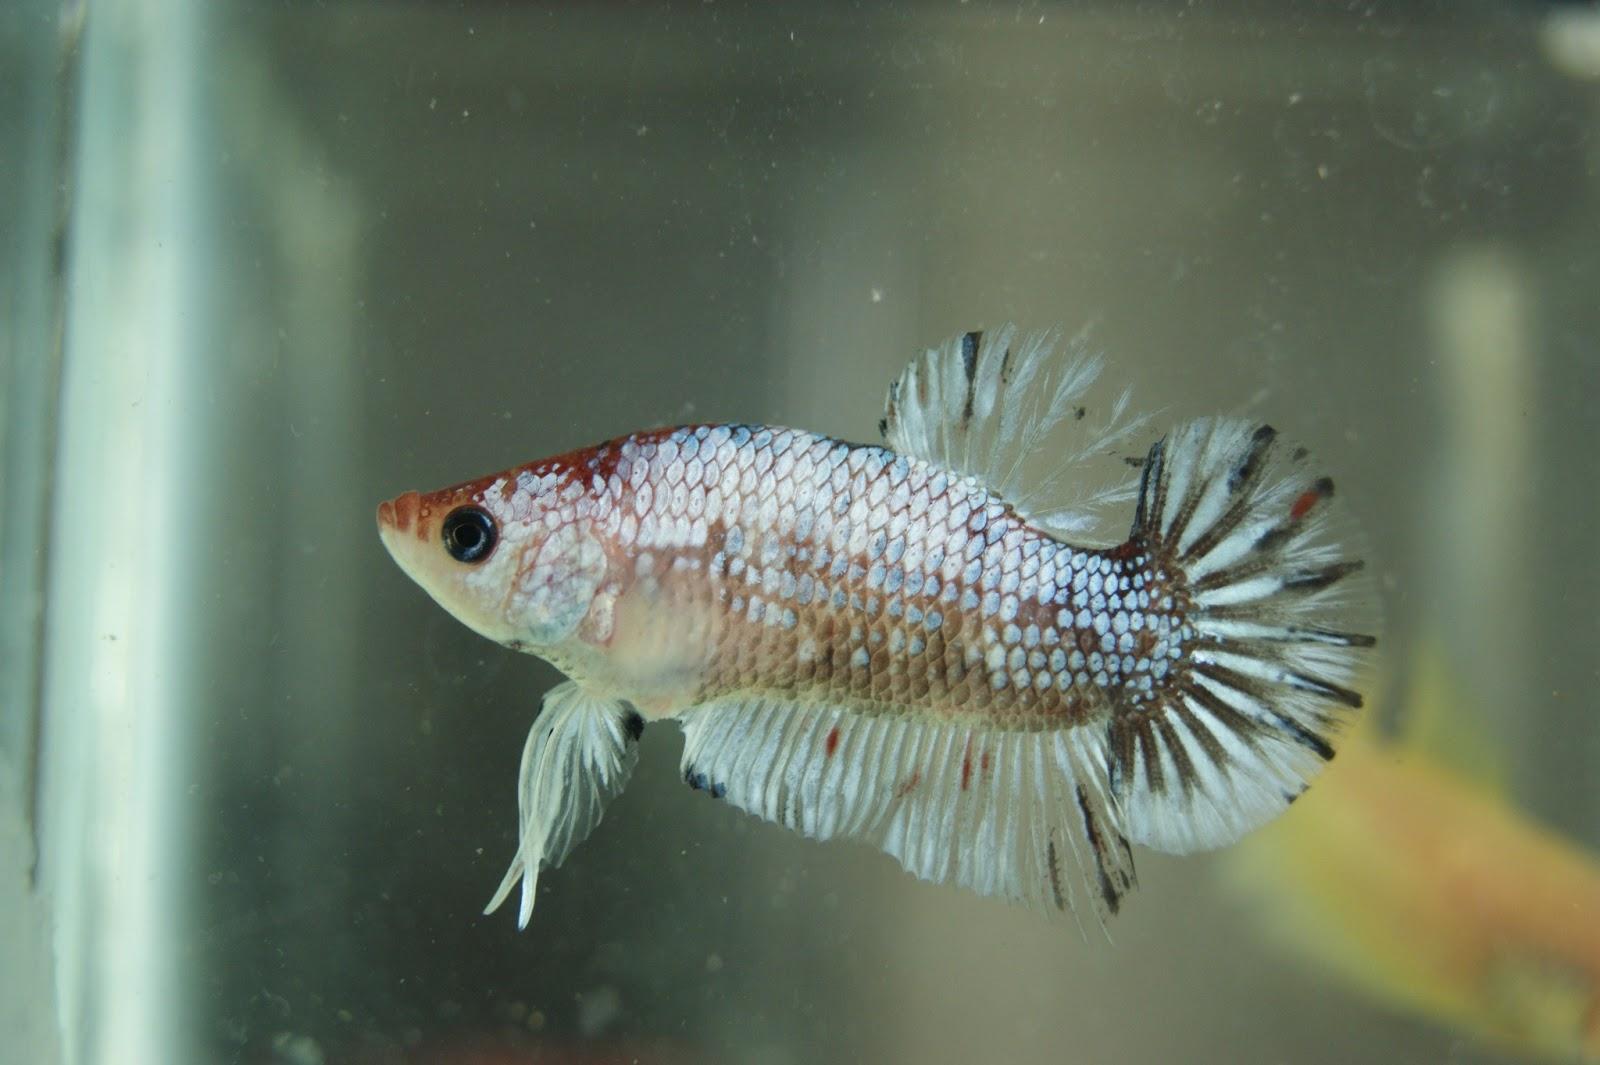 Koi fancy for sell sk betta for Fancy koi fish